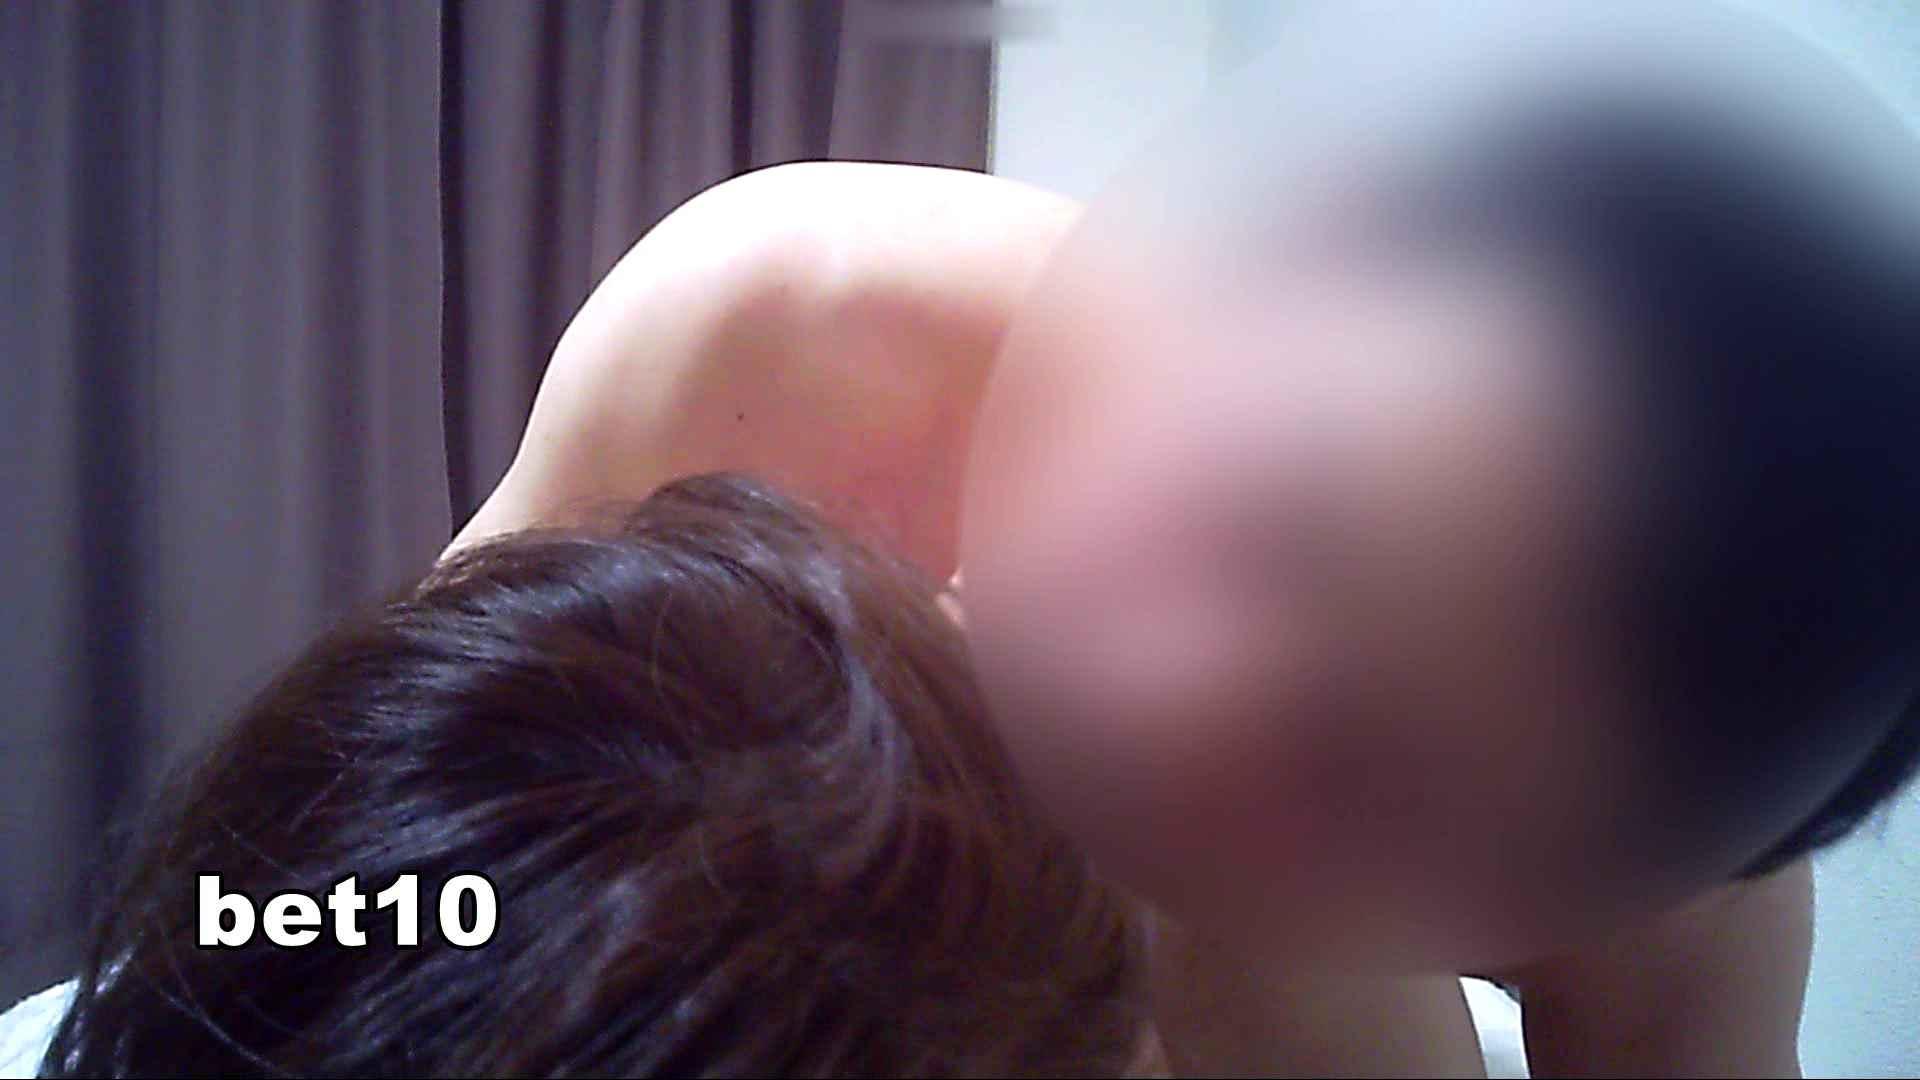 ミキ・大手旅行代理店勤務(24歳・仮名) vol.10 赤い中出し事件 リベンジ  103PIX 63